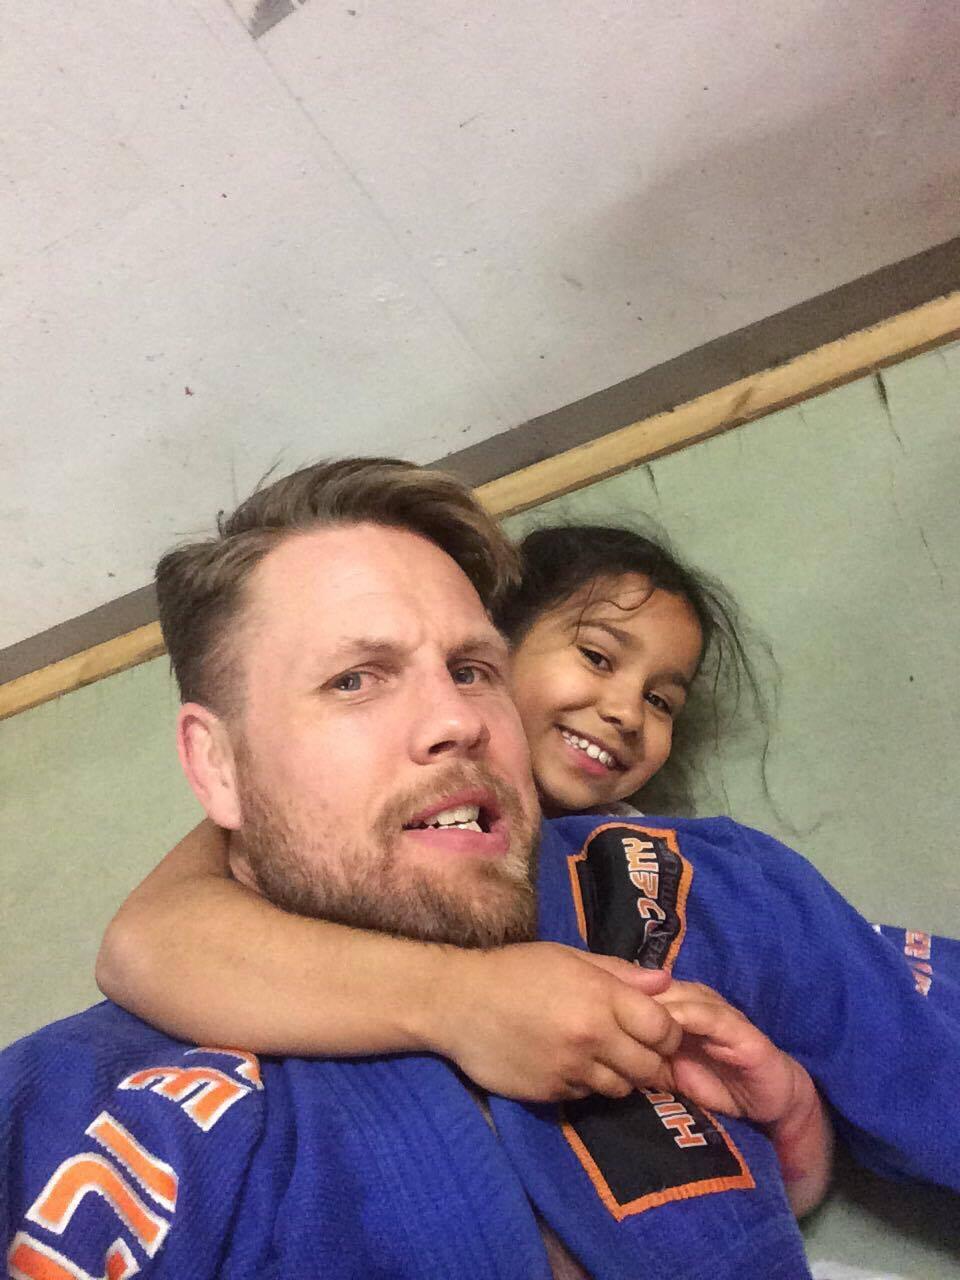 Ennen kisoja Alyna halusi käydä tekemässä extra treenejä isänsä Artun kanssa <3